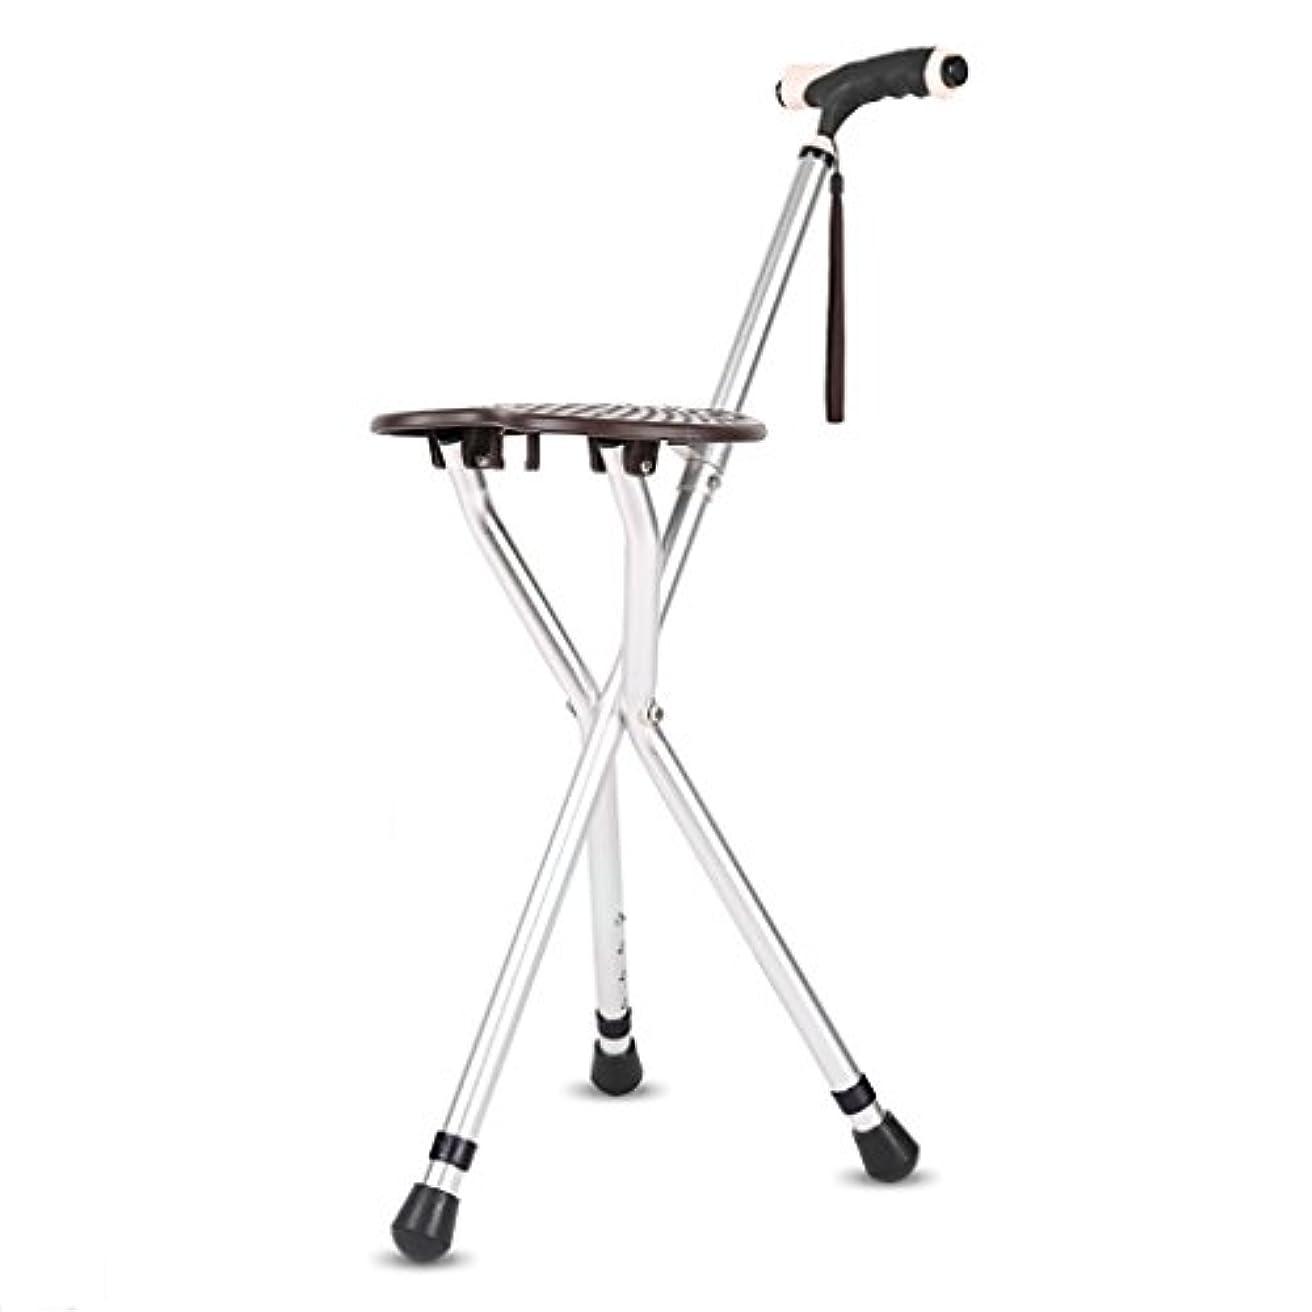 変装したスポーツあなたが良くなりますWENJUN 調節可能な伸縮自在の耐衝撃性のある耐久性のある老人の男性用の椅子のスツール4フィートウォーキングスティック老齢の杖多機能調節可能な高さ滑り止め (色 : シルバー しるば゜)